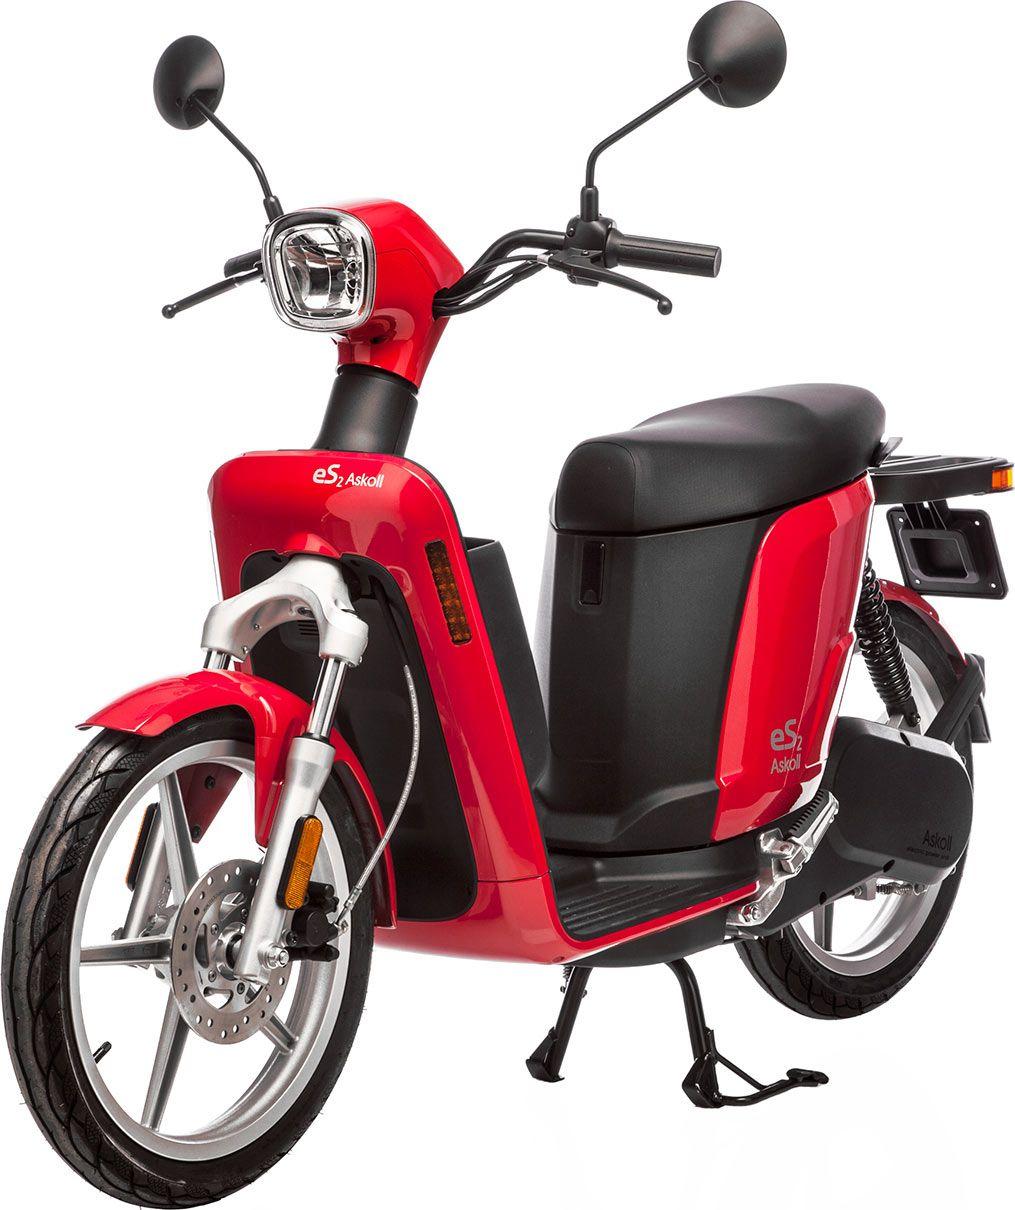 Les askoll es1 et es2 sont des scooters lectriques l gers 72 kg et maniables